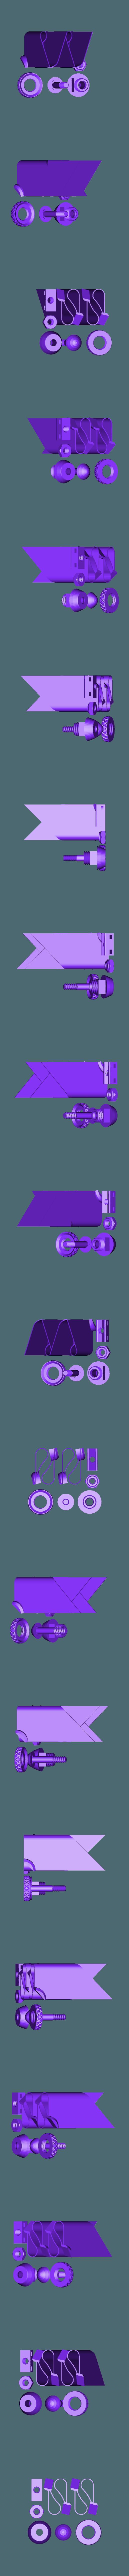 fullSetPlate.stl Télécharger fichier SCAD gratuit Papier imprimé WindMill v0 • Modèle pour imprimante 3D, Wachet